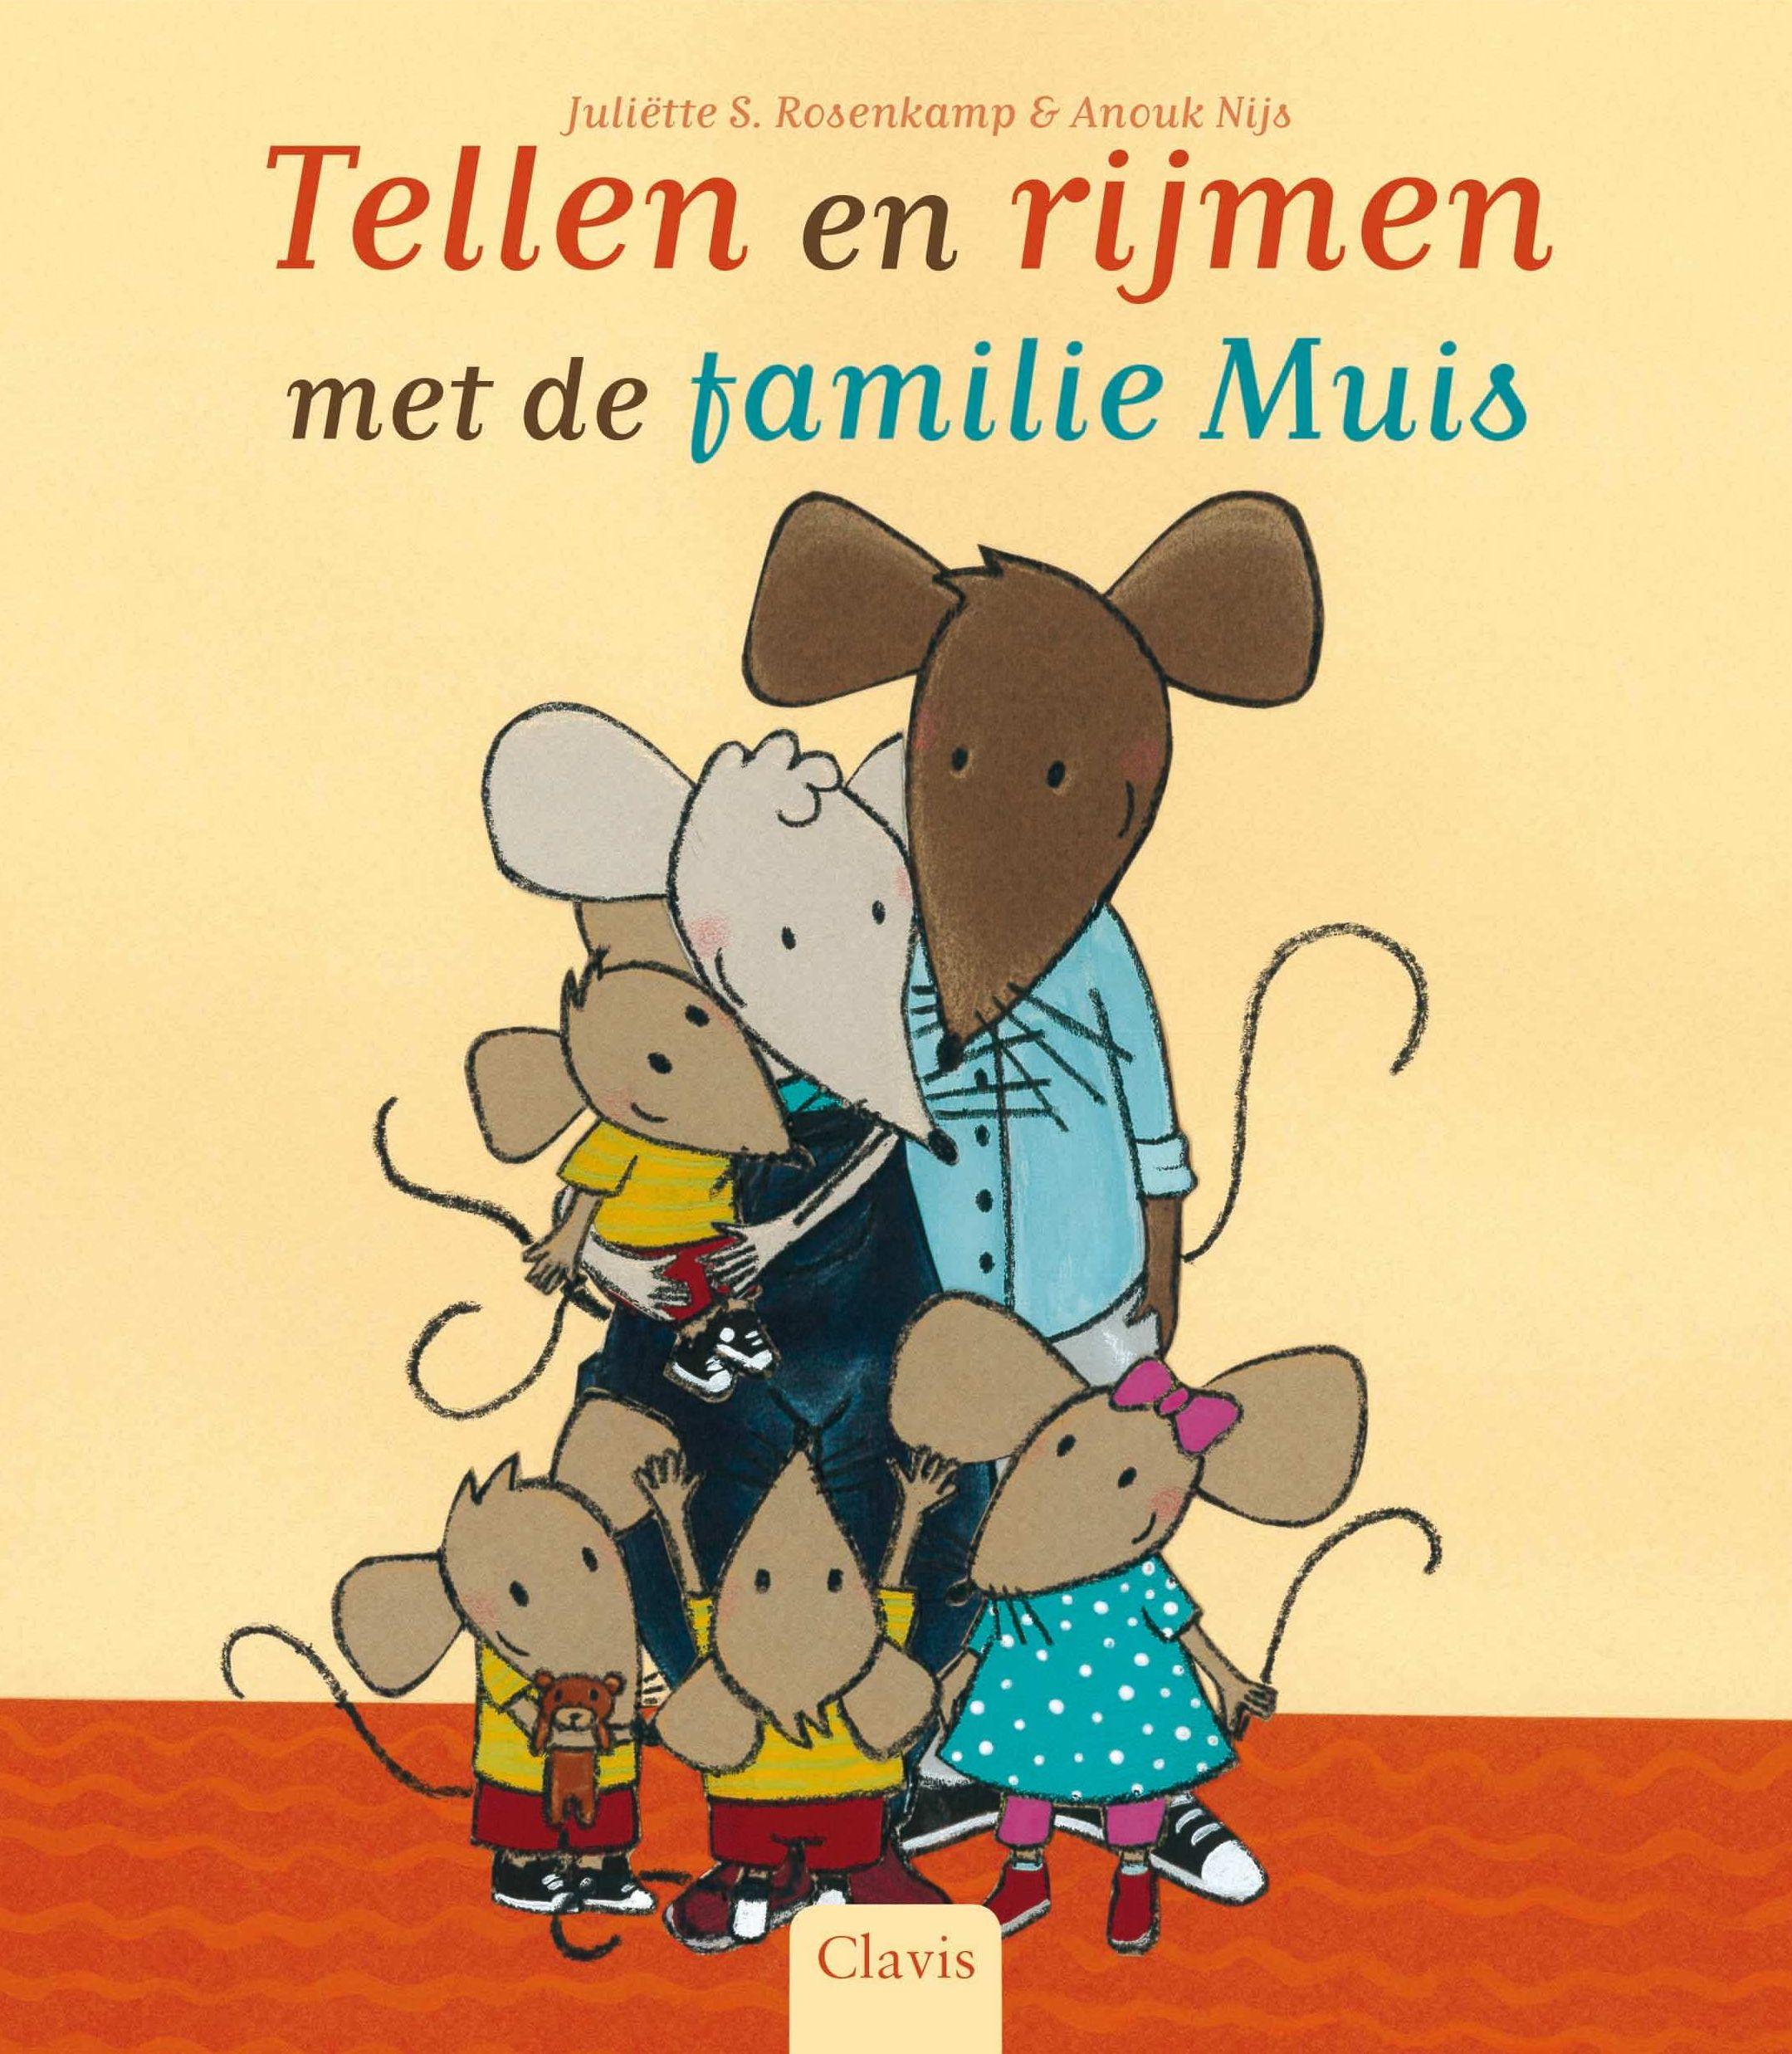 Tellen en rijmen met familie Muis Book Cover